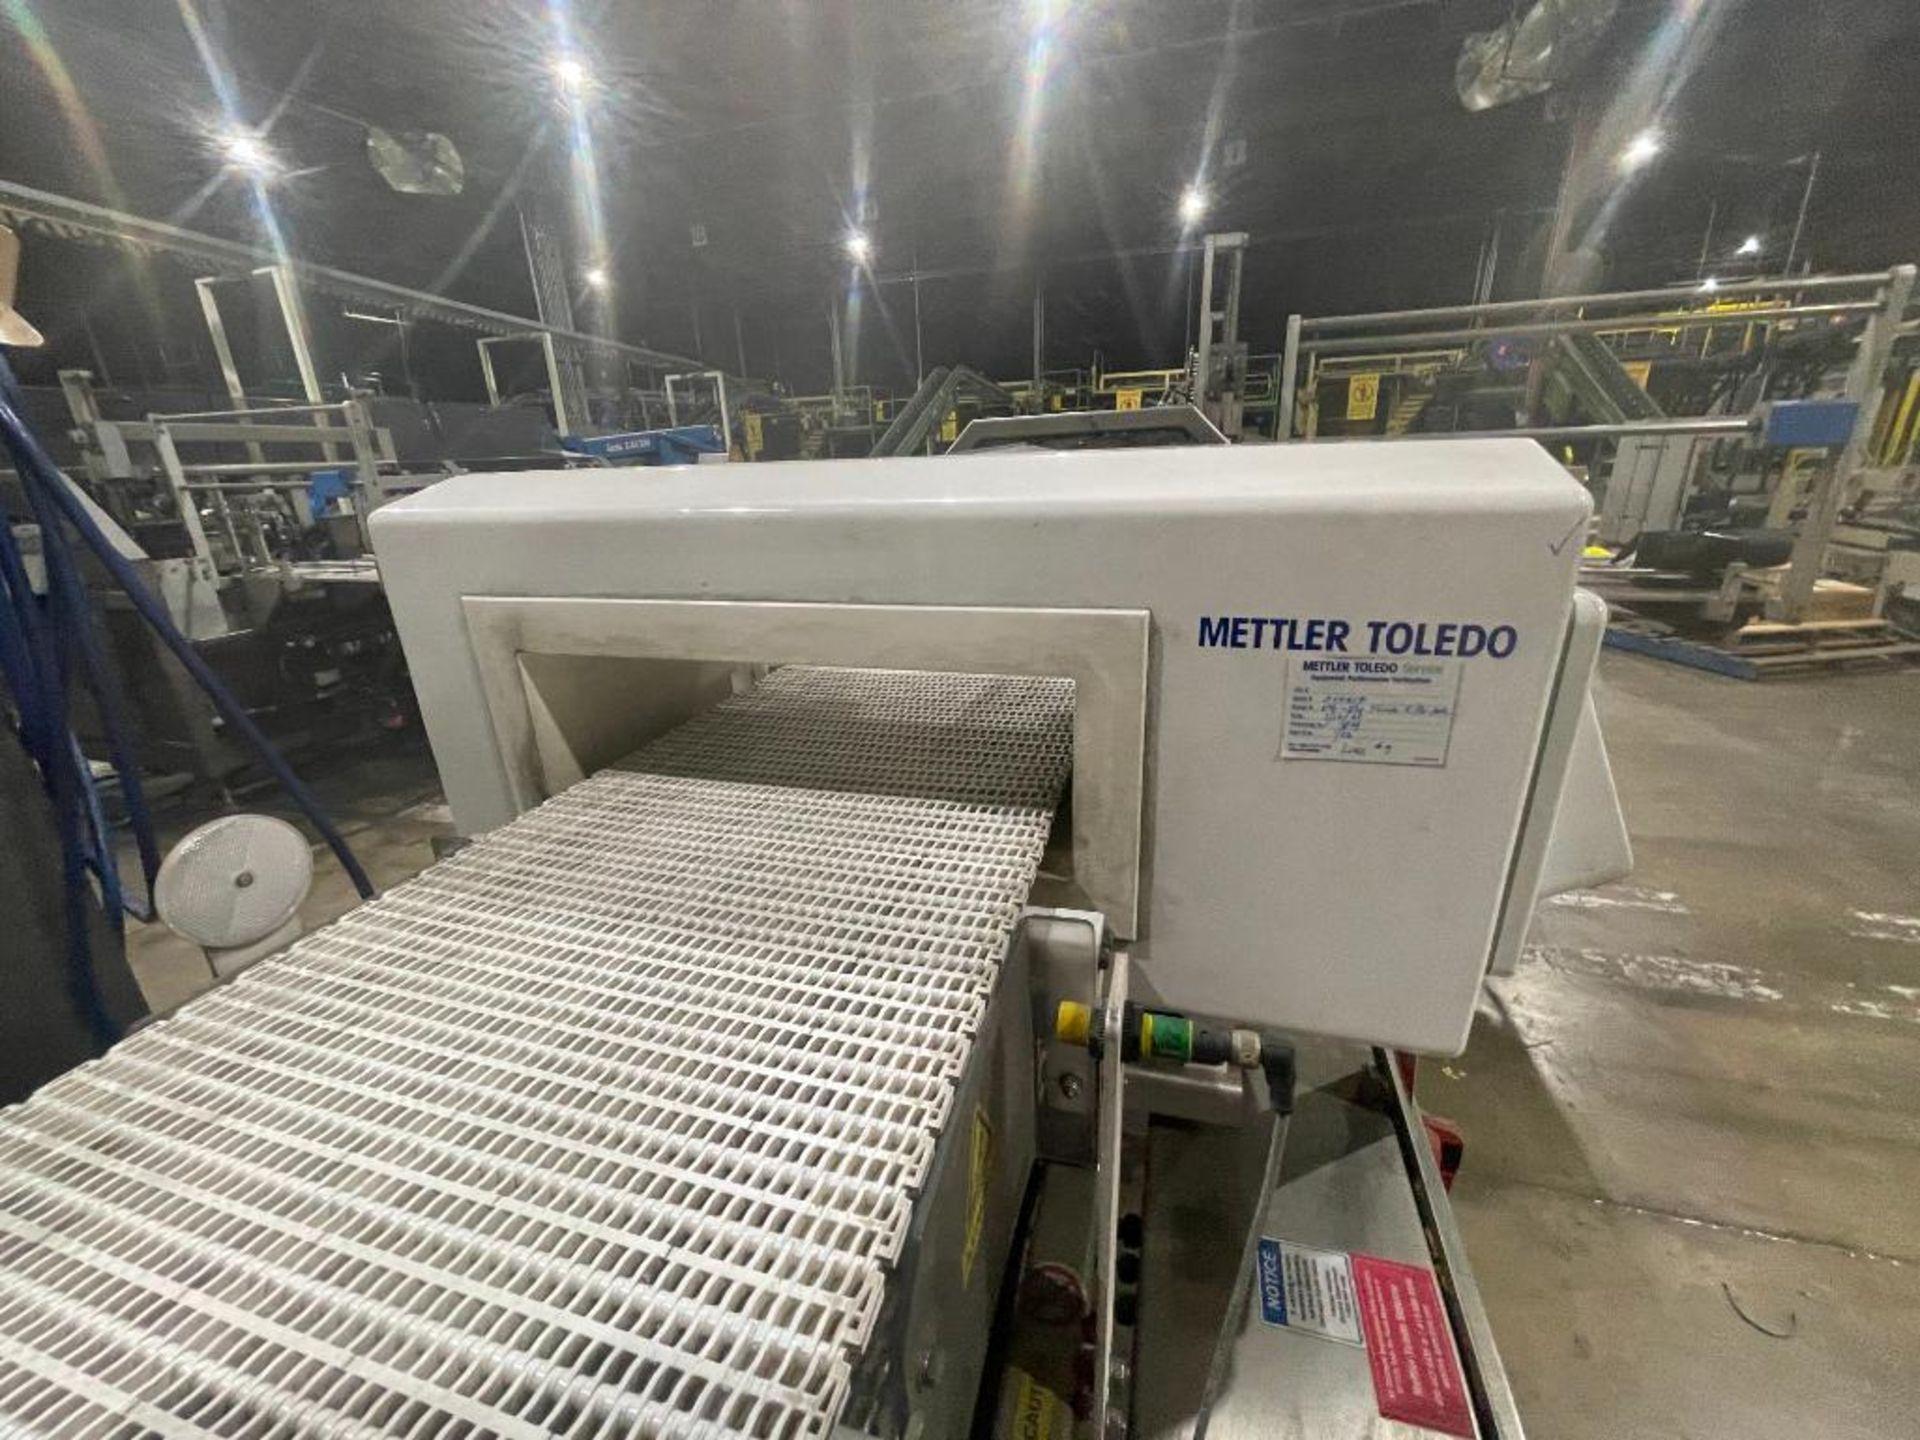 2016 Mettler Toledo metal detector, model SL1500 - Image 5 of 12